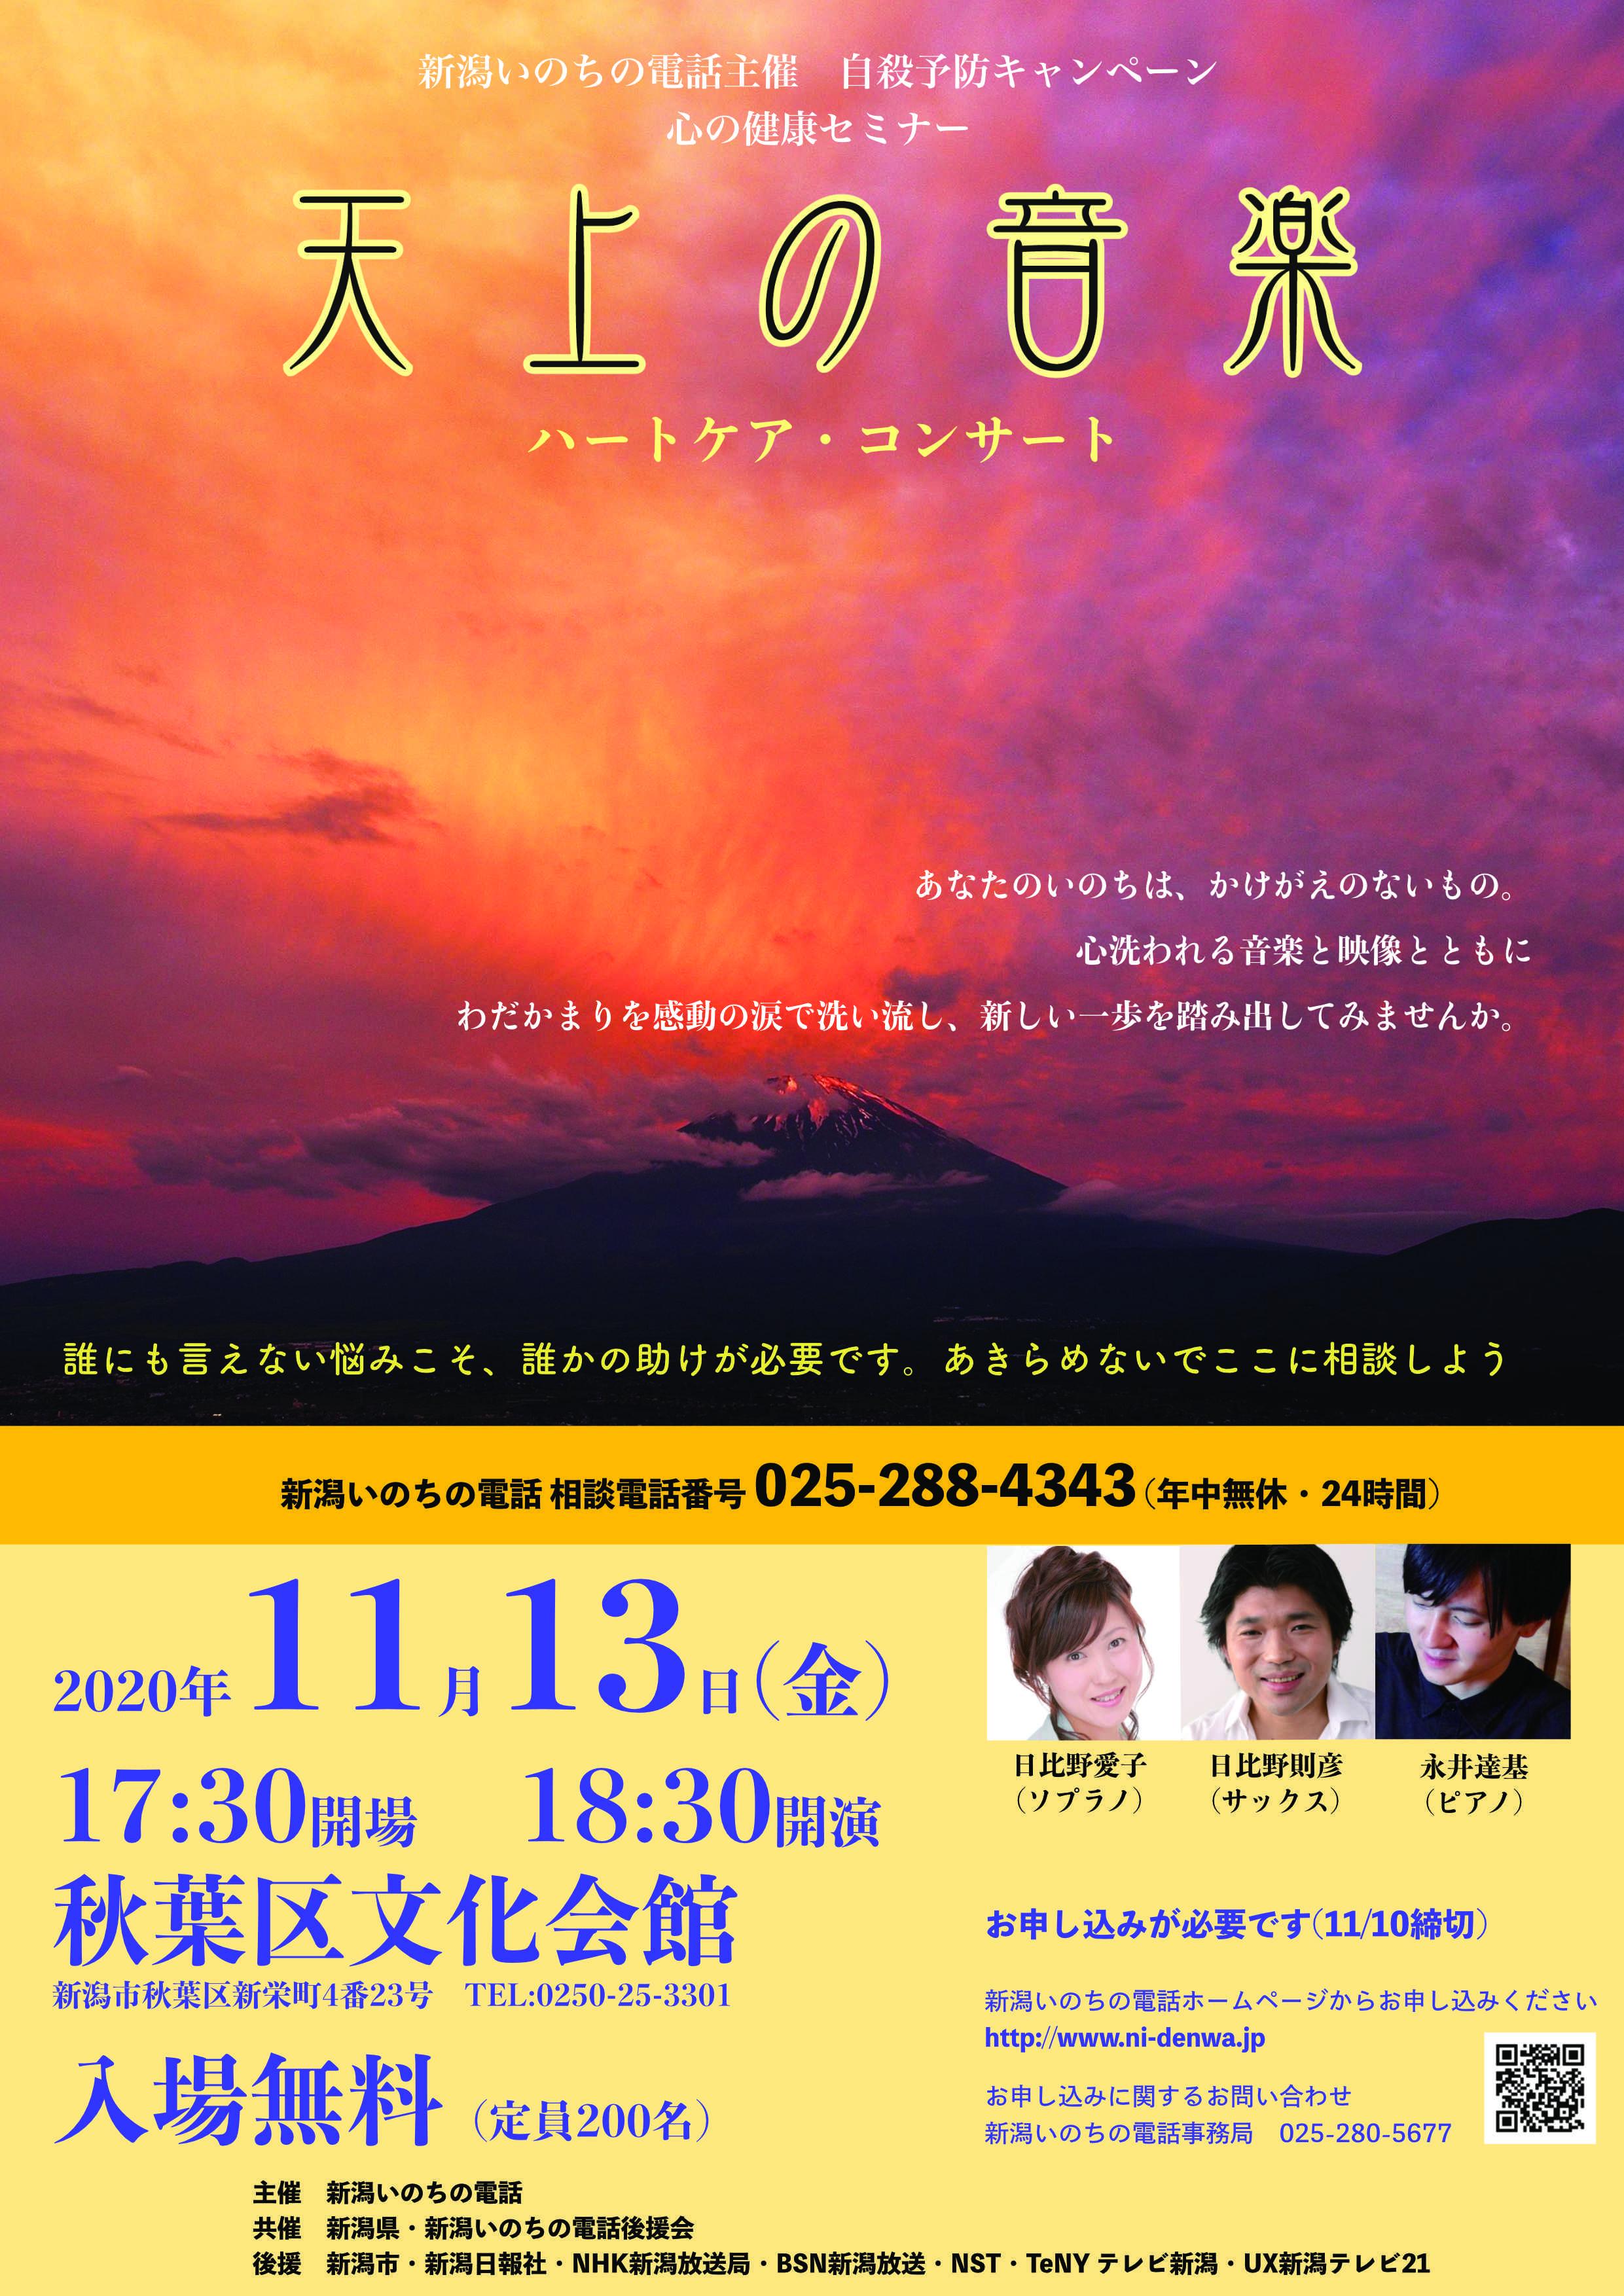 新潟いのちの電話主催 天上の音楽コンサート